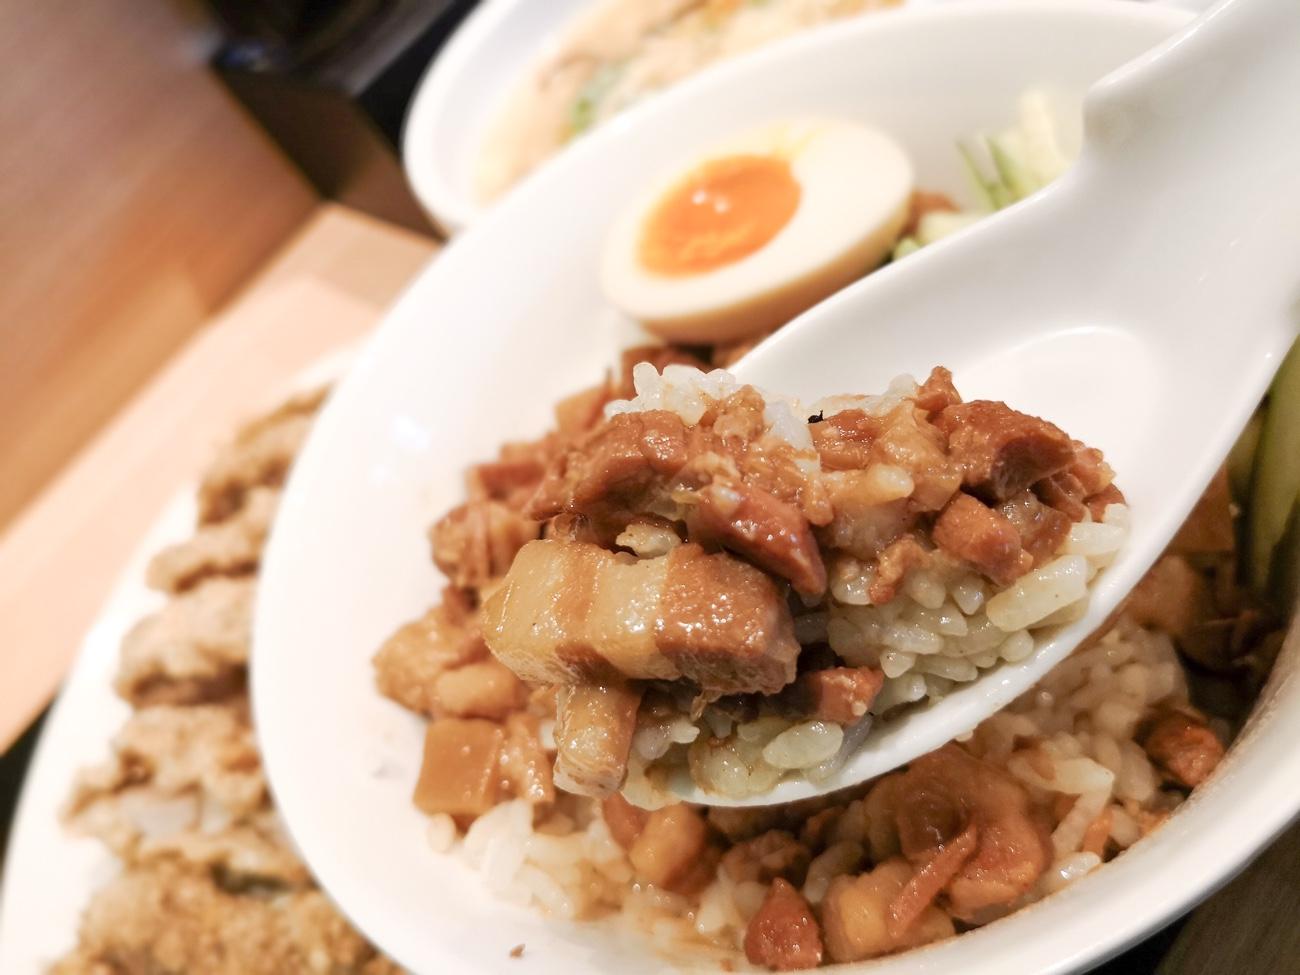 ルーロー飯(魯肉飯)神田まち